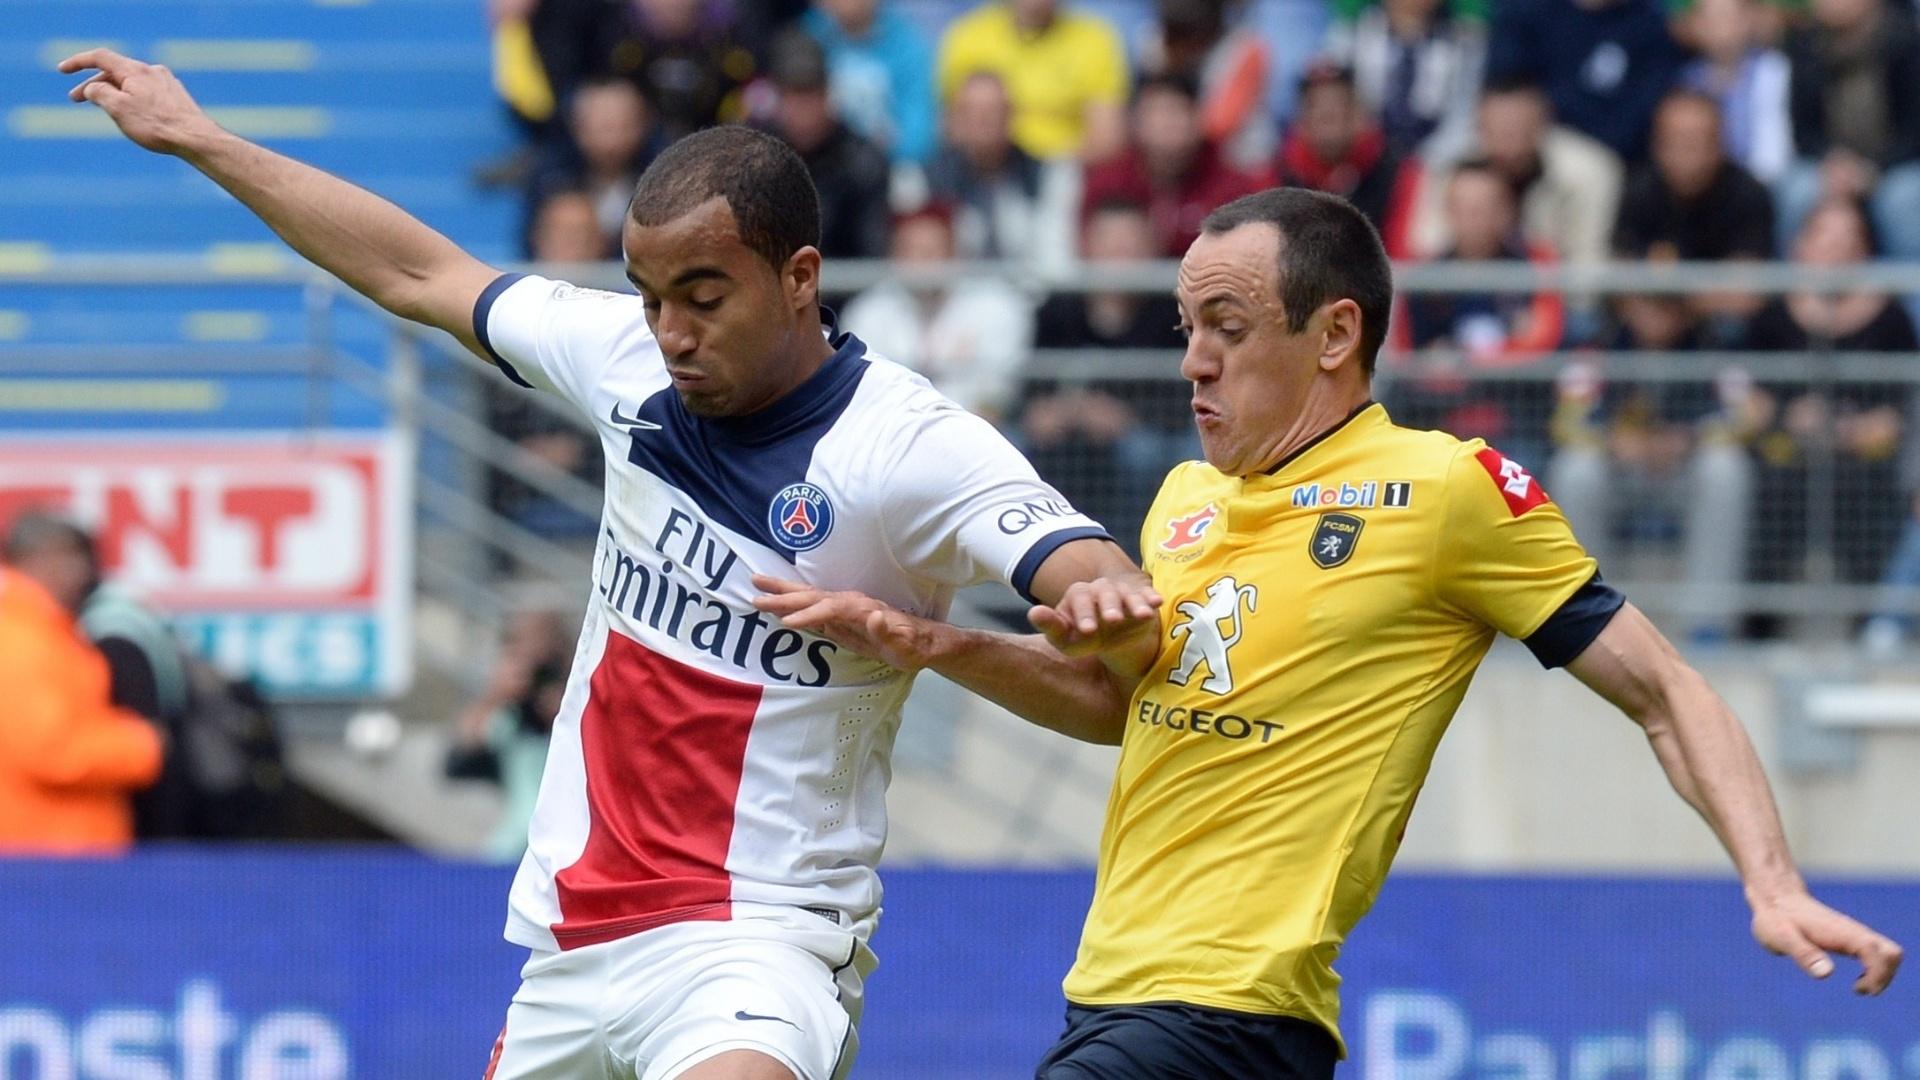 27.abr.2013 - Lucas tenta a jogada individual na partida entre PSG e Sochaux